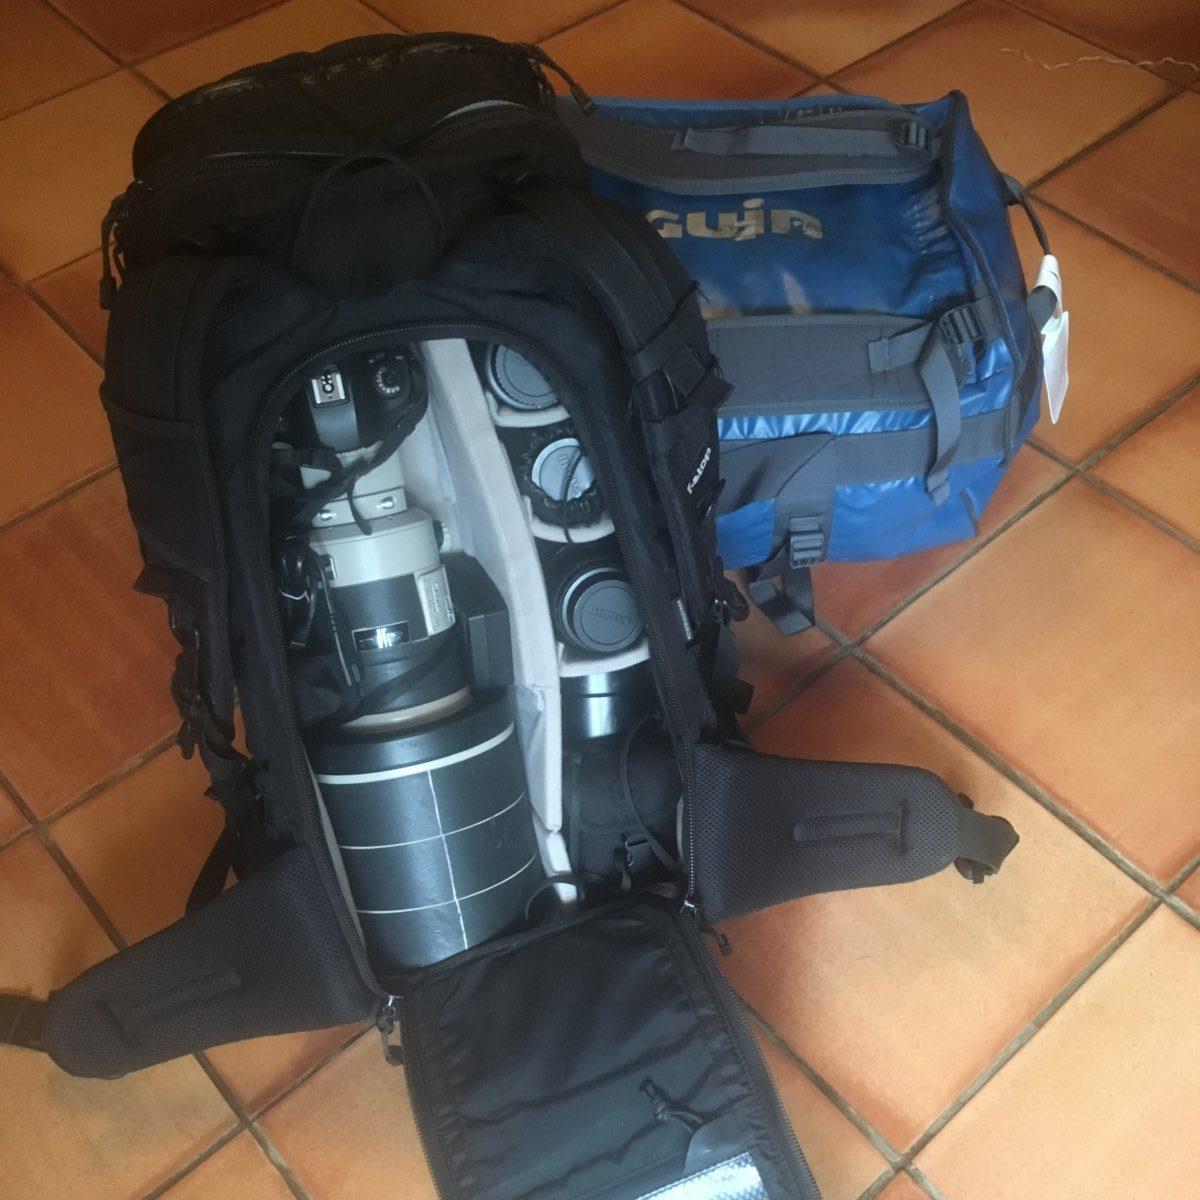 sac photo stop gear et bagage pour un voyage photo